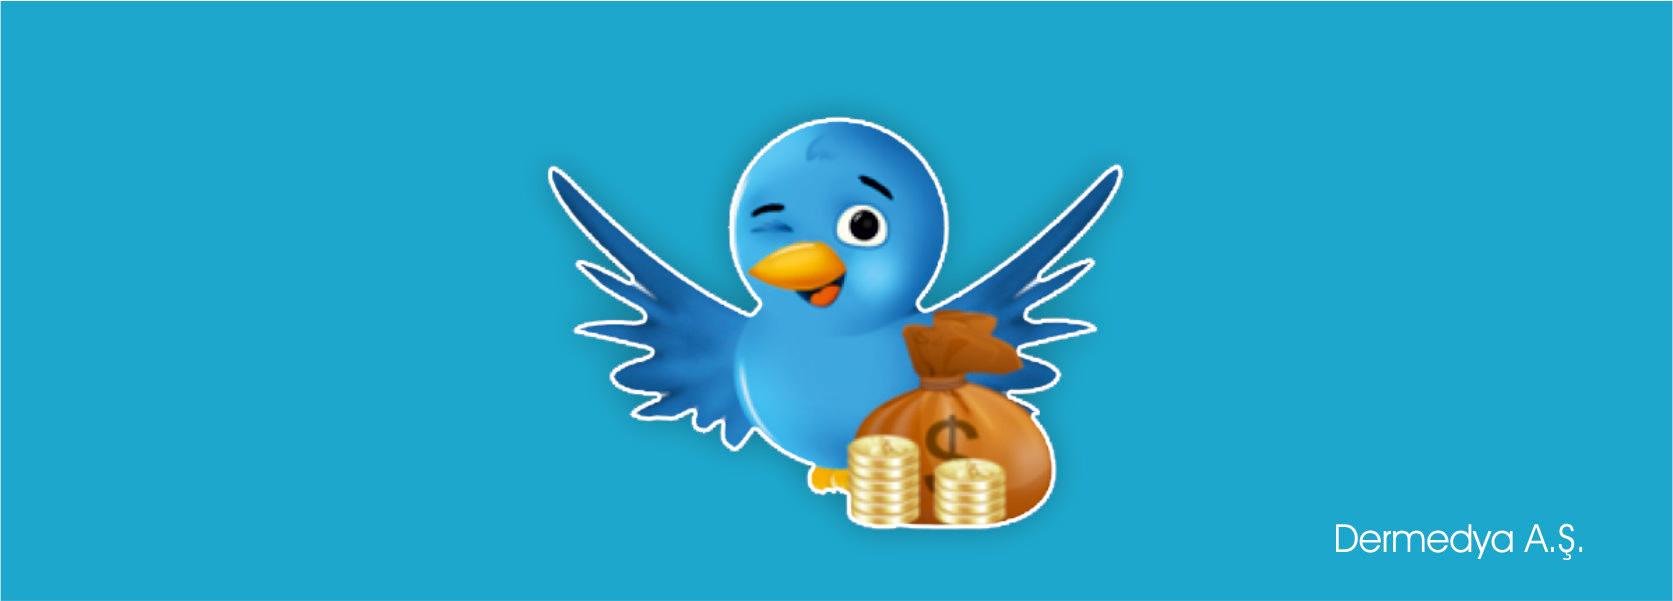 Sosyal Medya Reklamları: Twitter